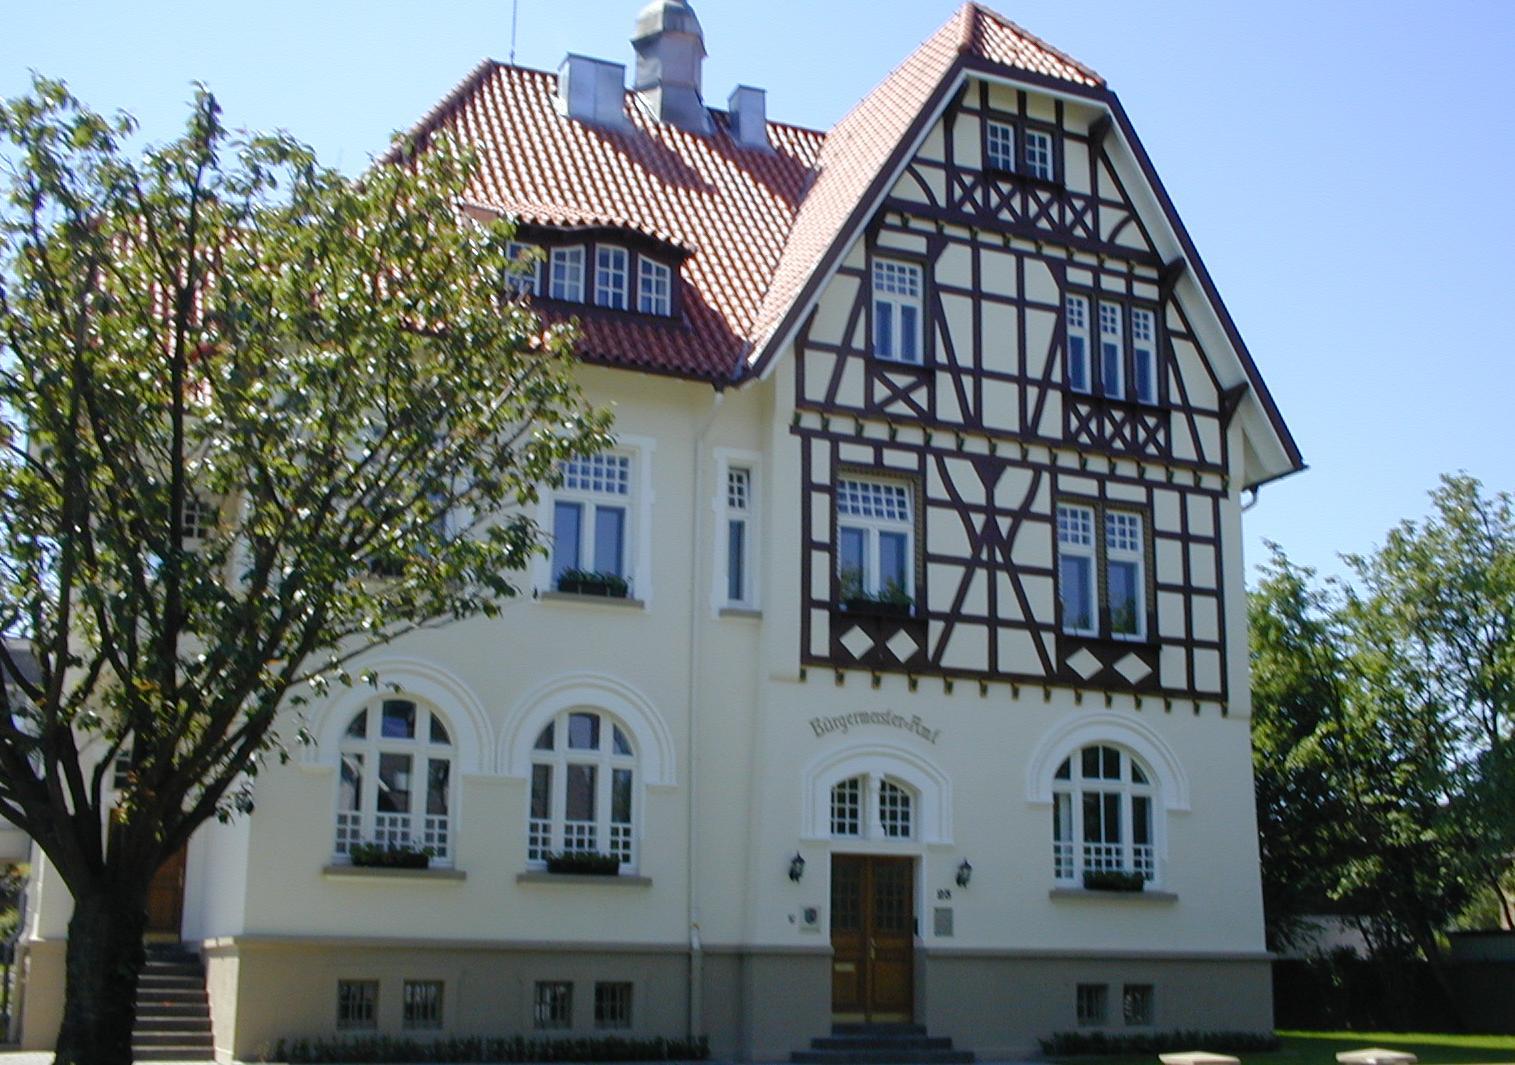 Rathaus Nörvenich Wikipedia